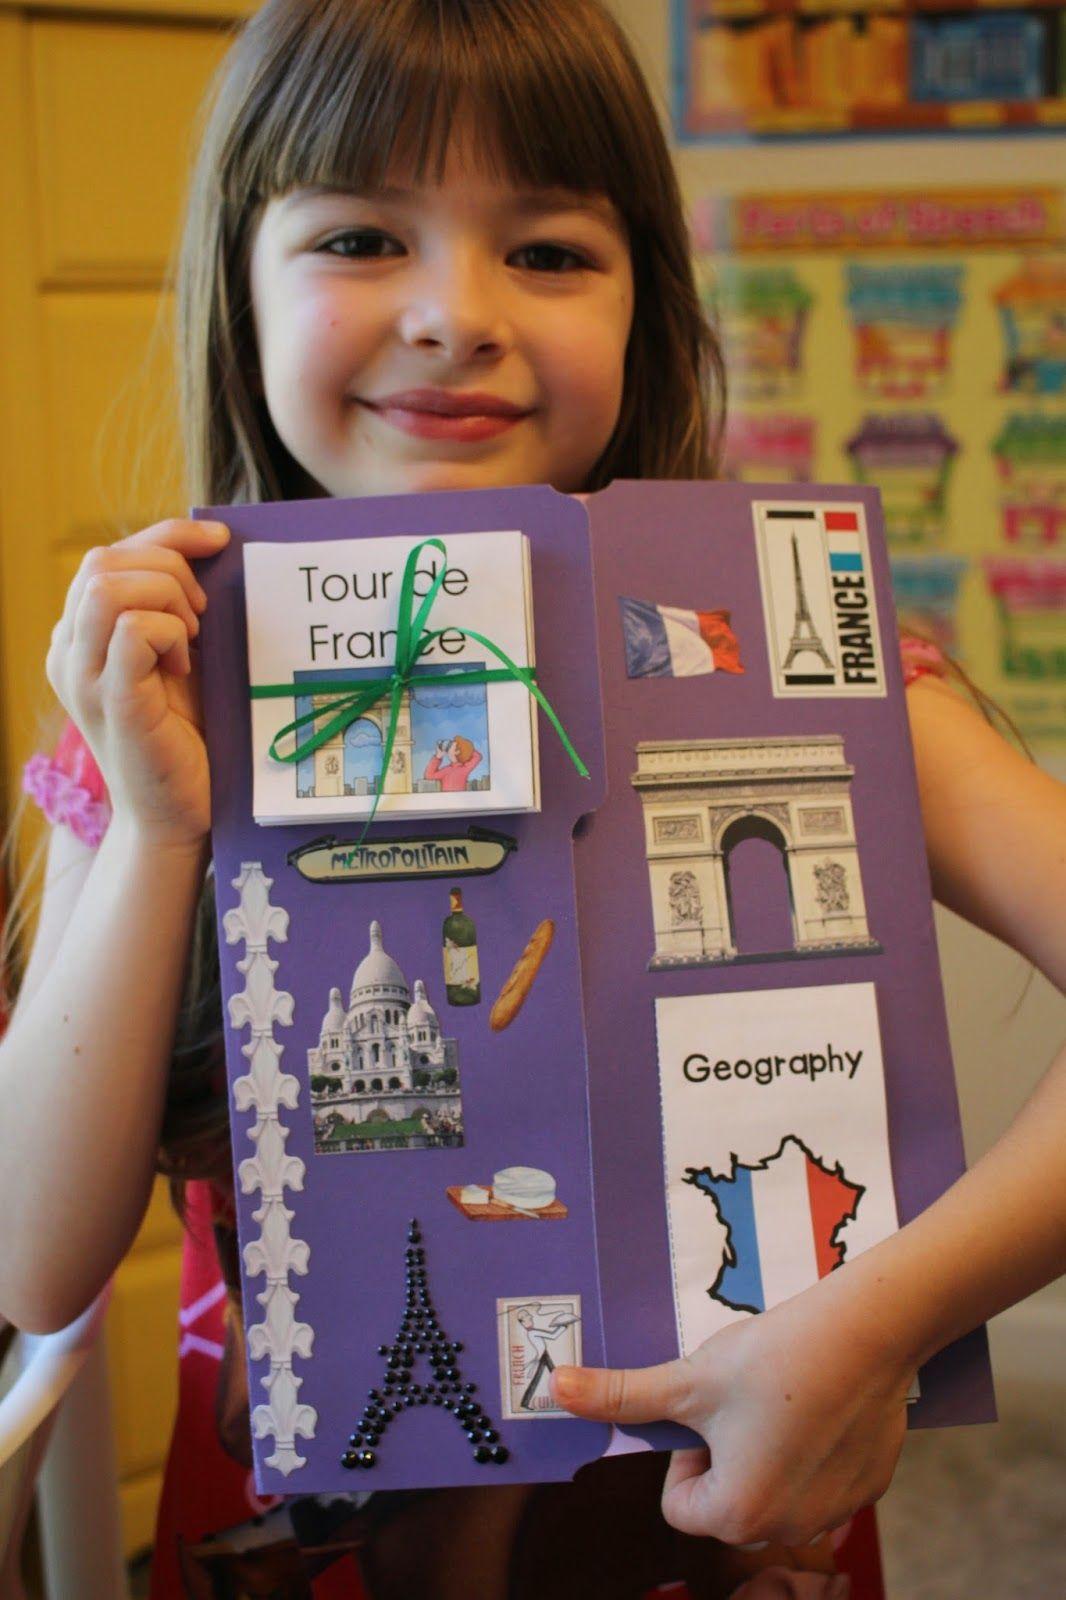 I Lapbook Strumento Interattivo Per Imparare